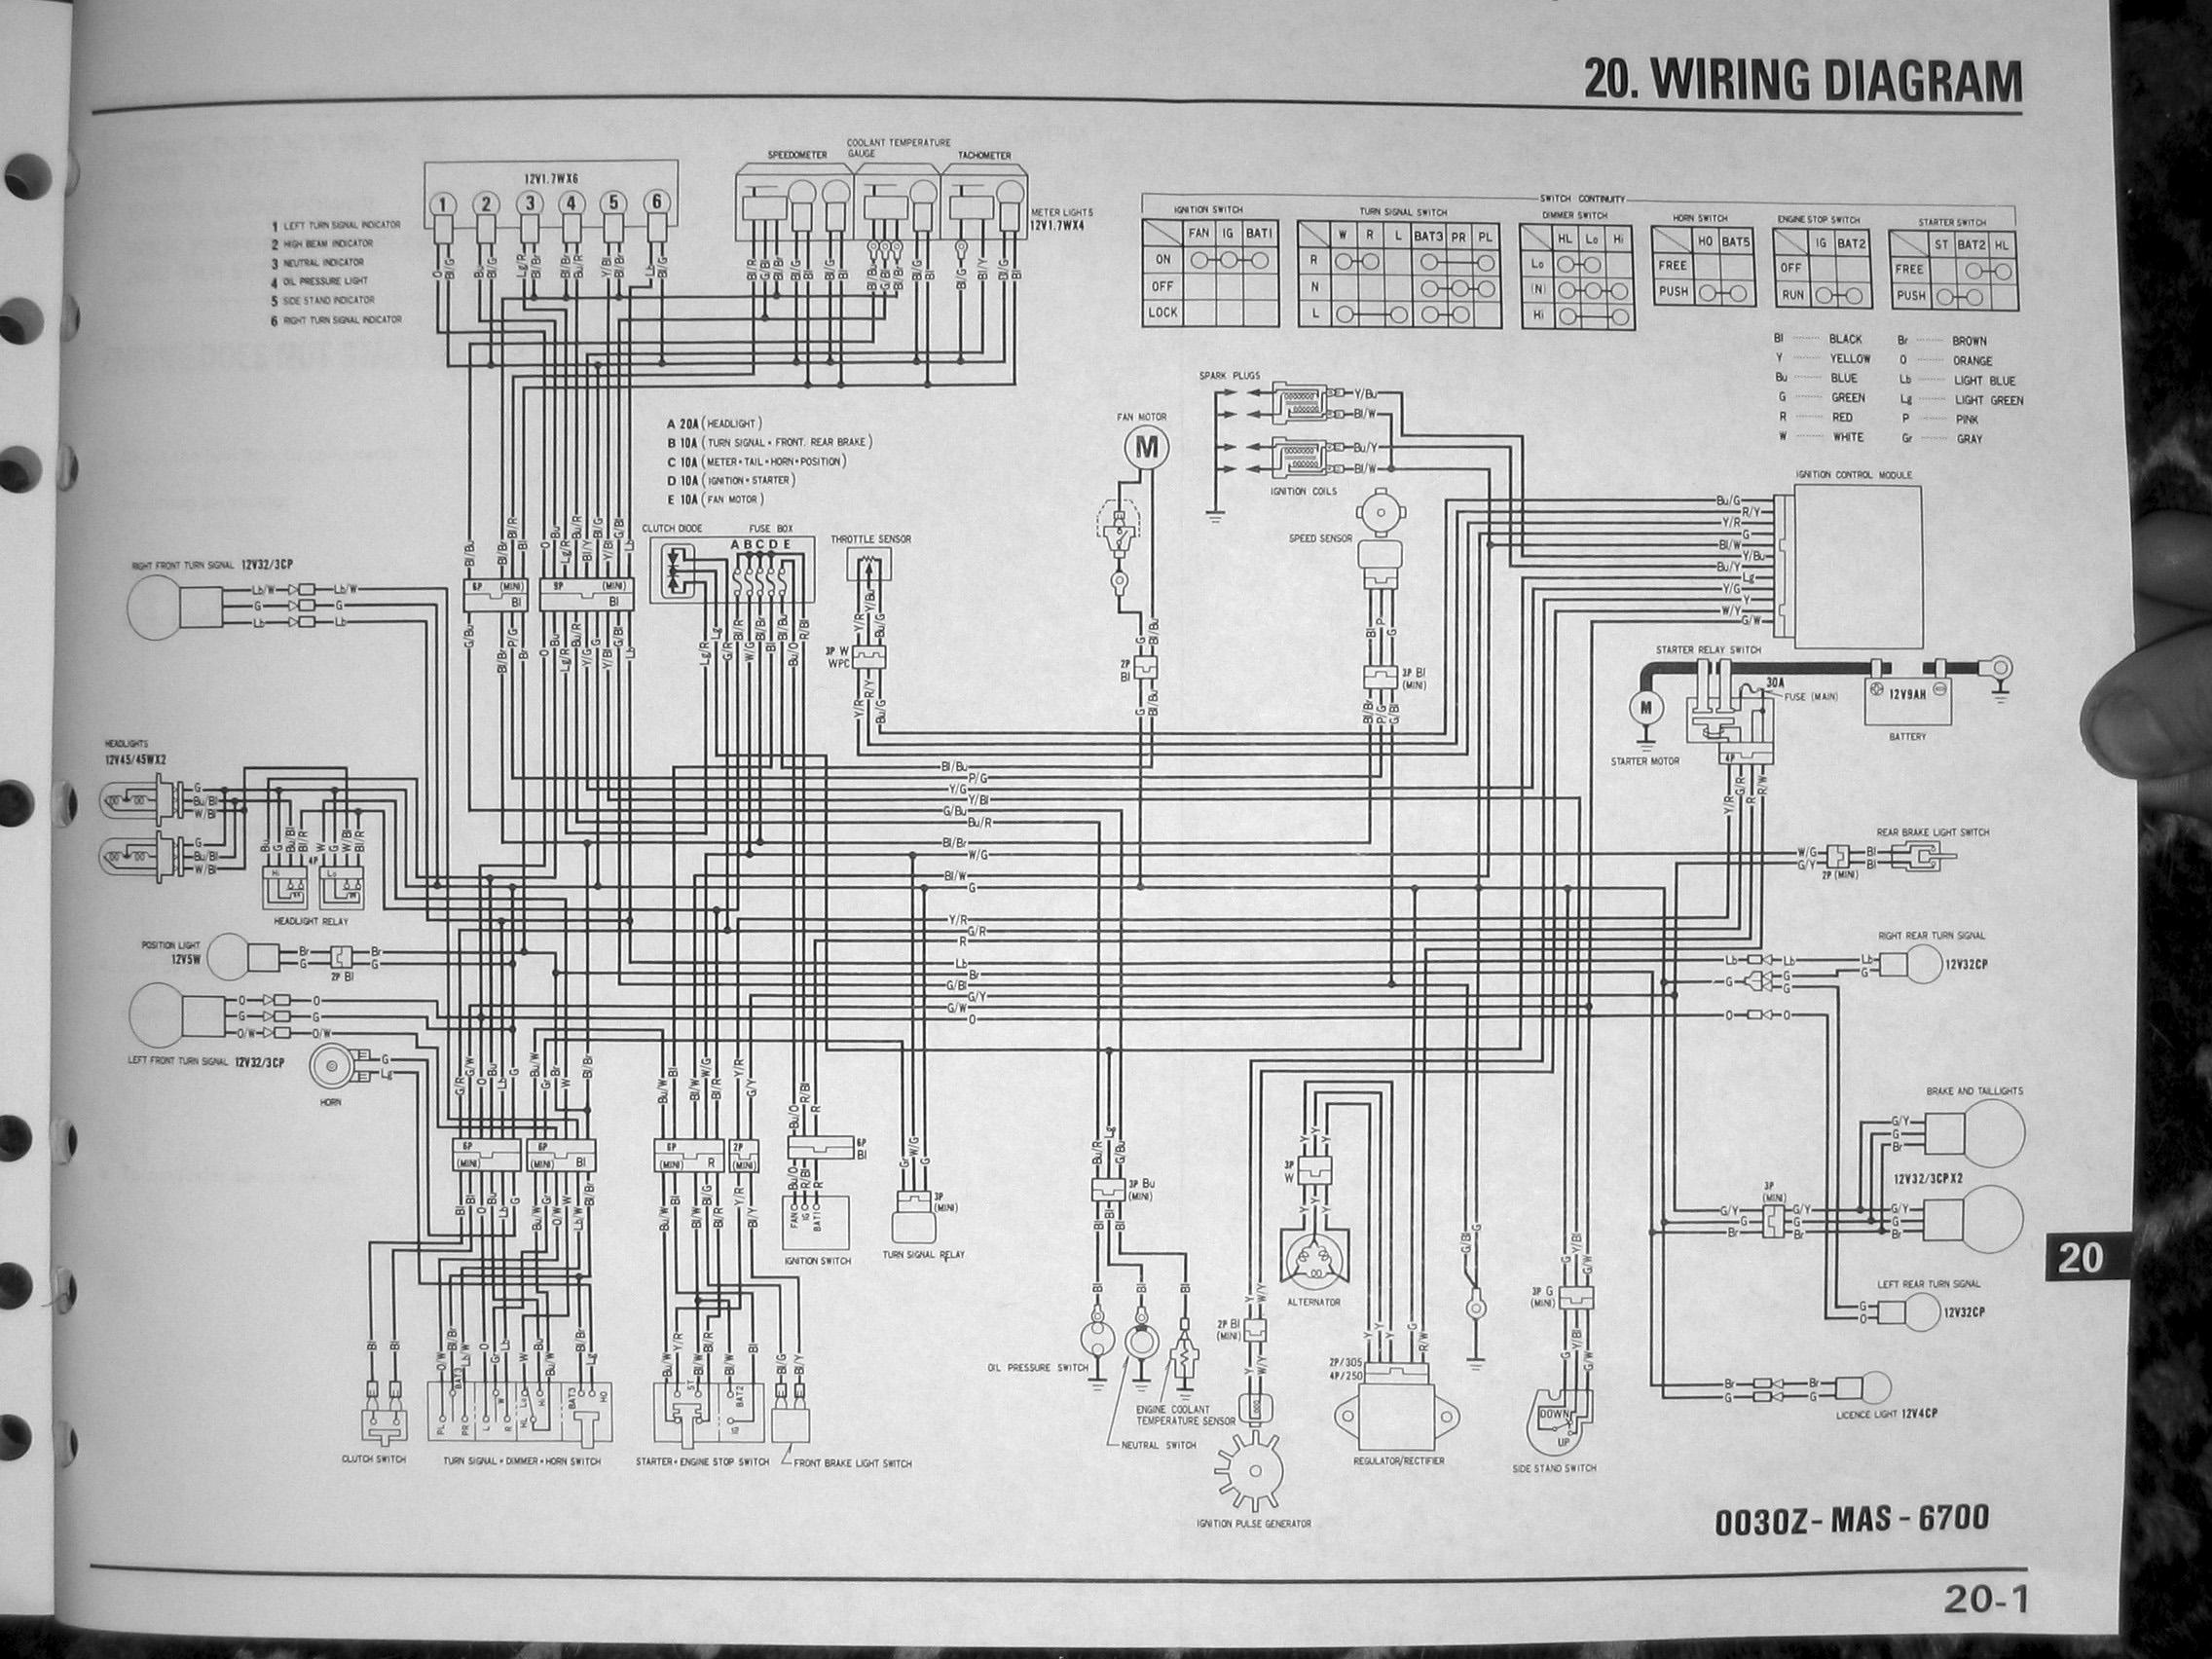 1989 Suzuki Gsxr 750 Wiring Diagram Furthermore Wiring Diagram 2003